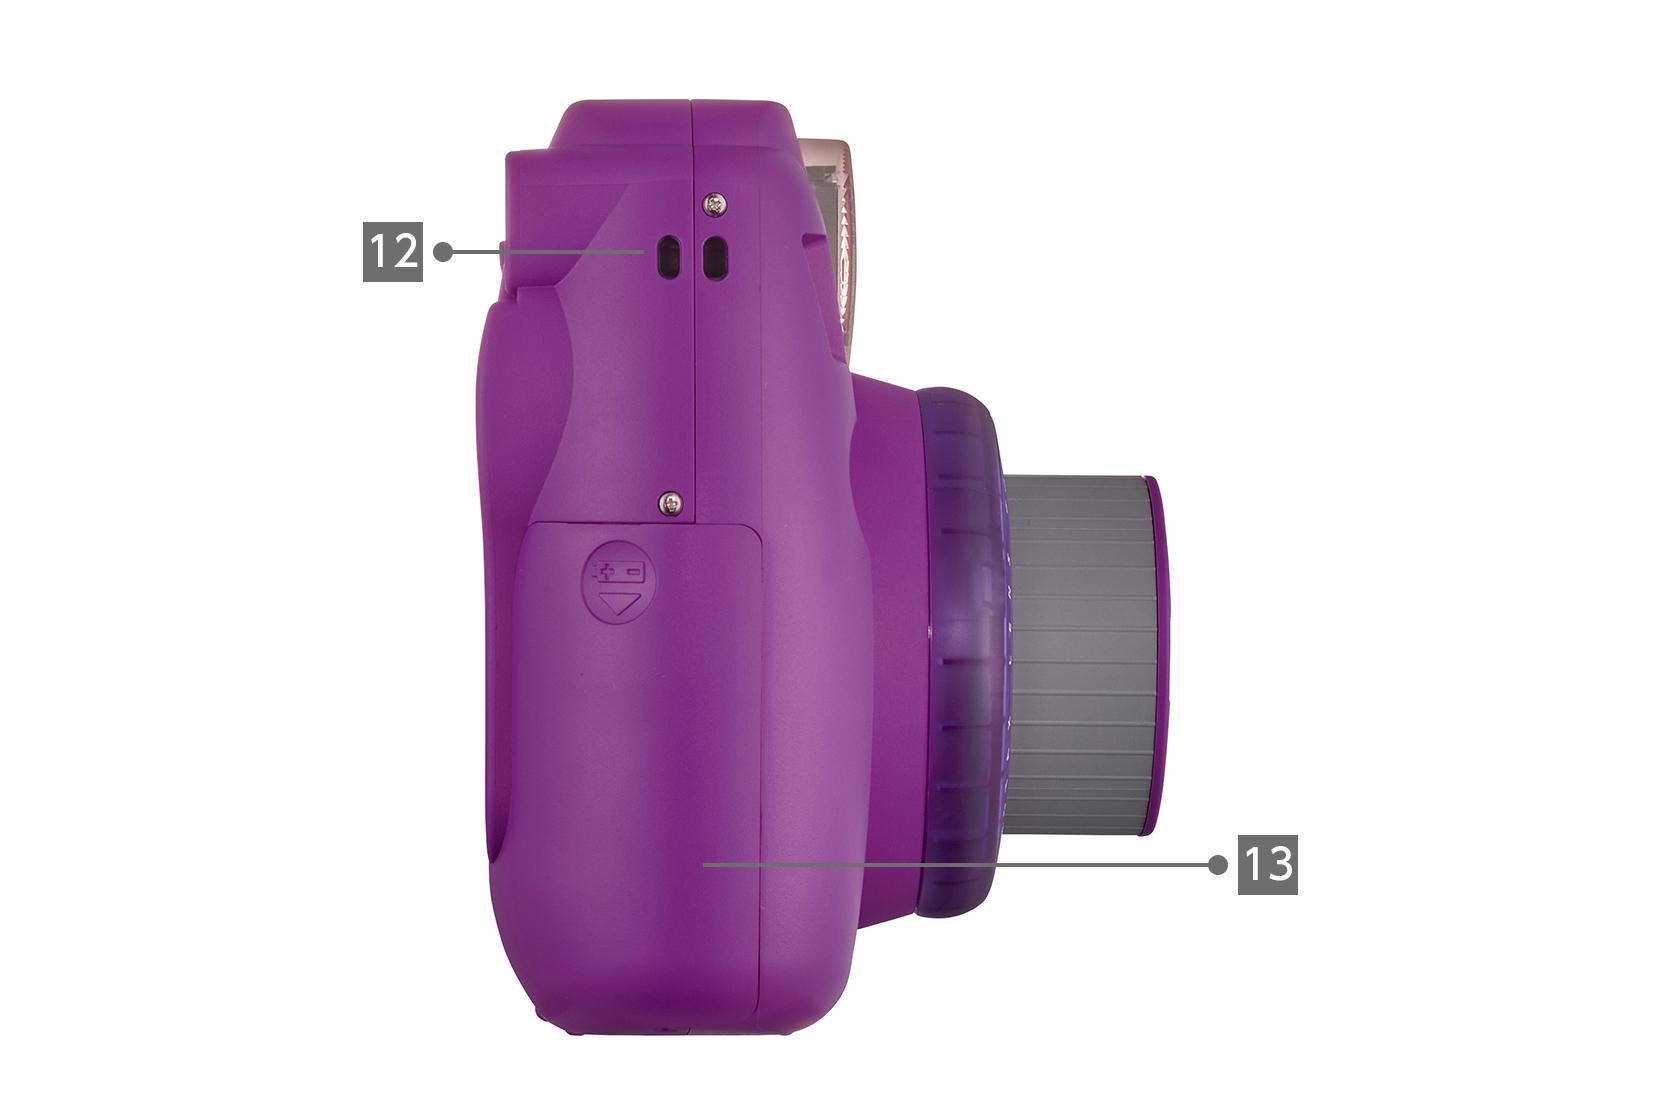 [사진] 12 및 13으로 표시된 다양한 구성품이 있는 핑크 인스탁스 미니 9 한정판 필름 카메라의 측면도